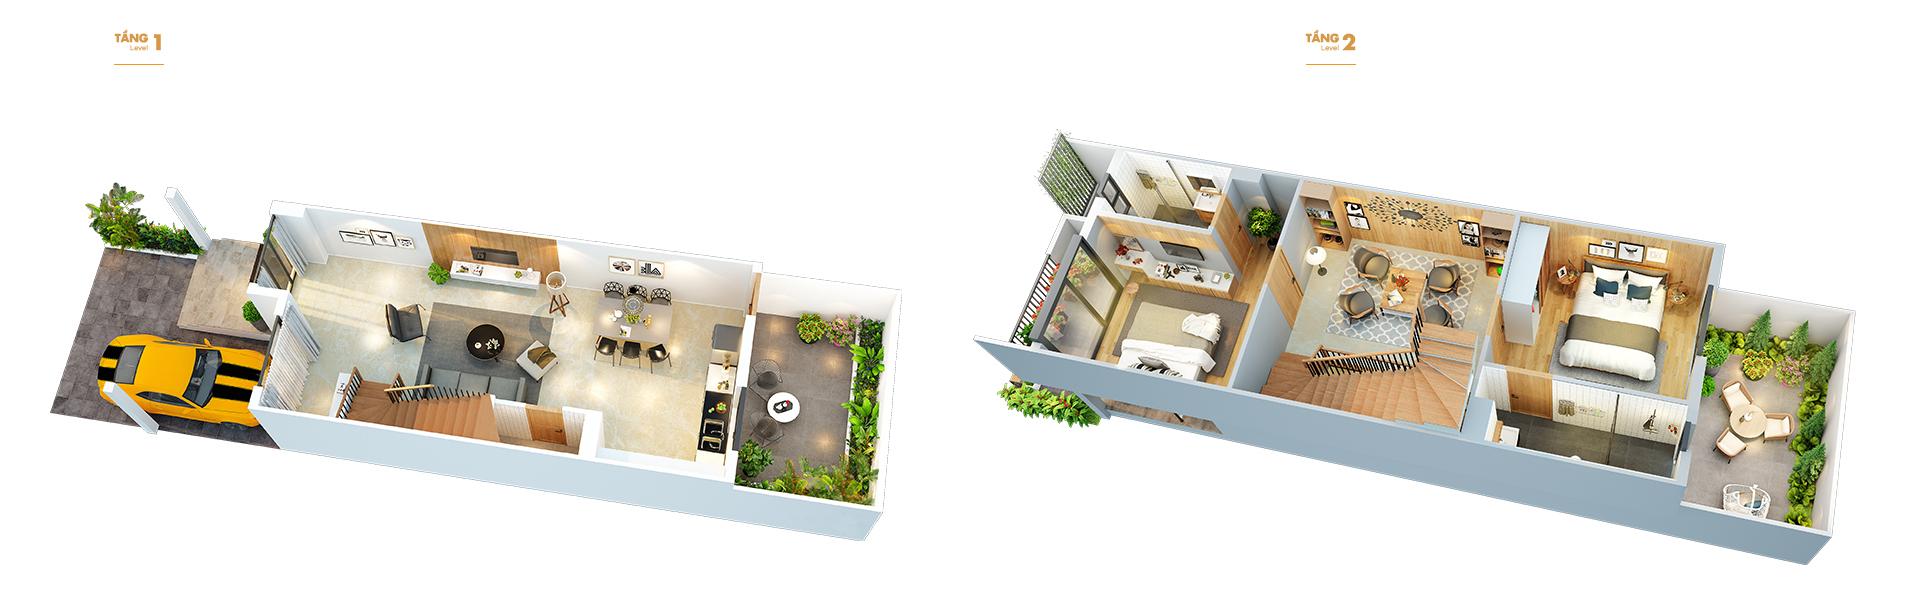 Mẫu thiết kế căn liền kề Vinhomes Cầu rào Hải Phòng ( dự kiến )